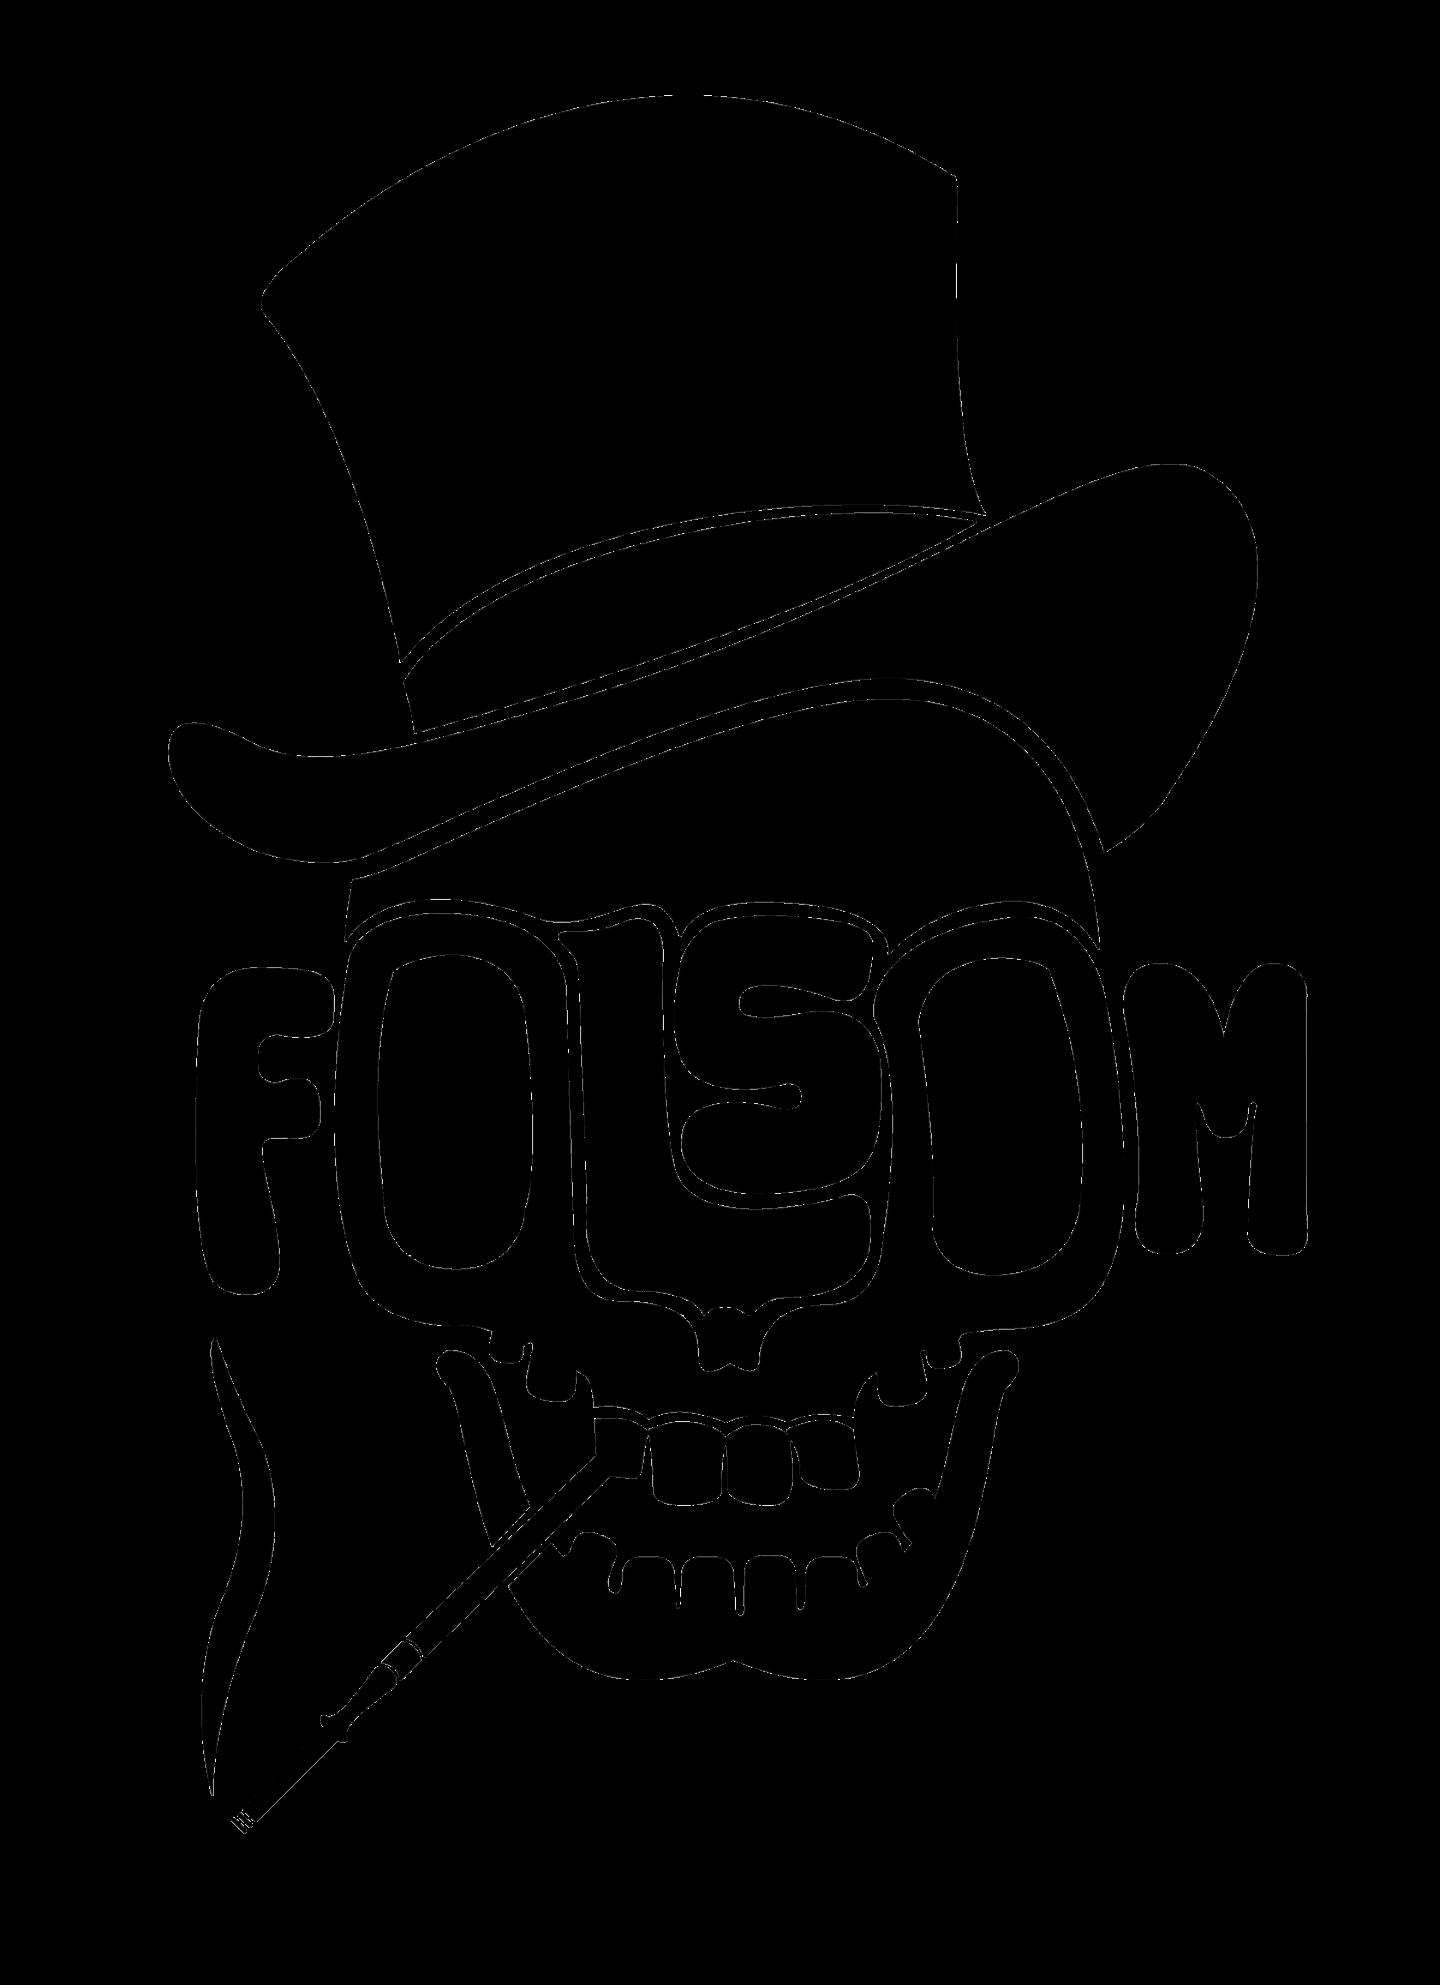 Das Logo von FOLSOM